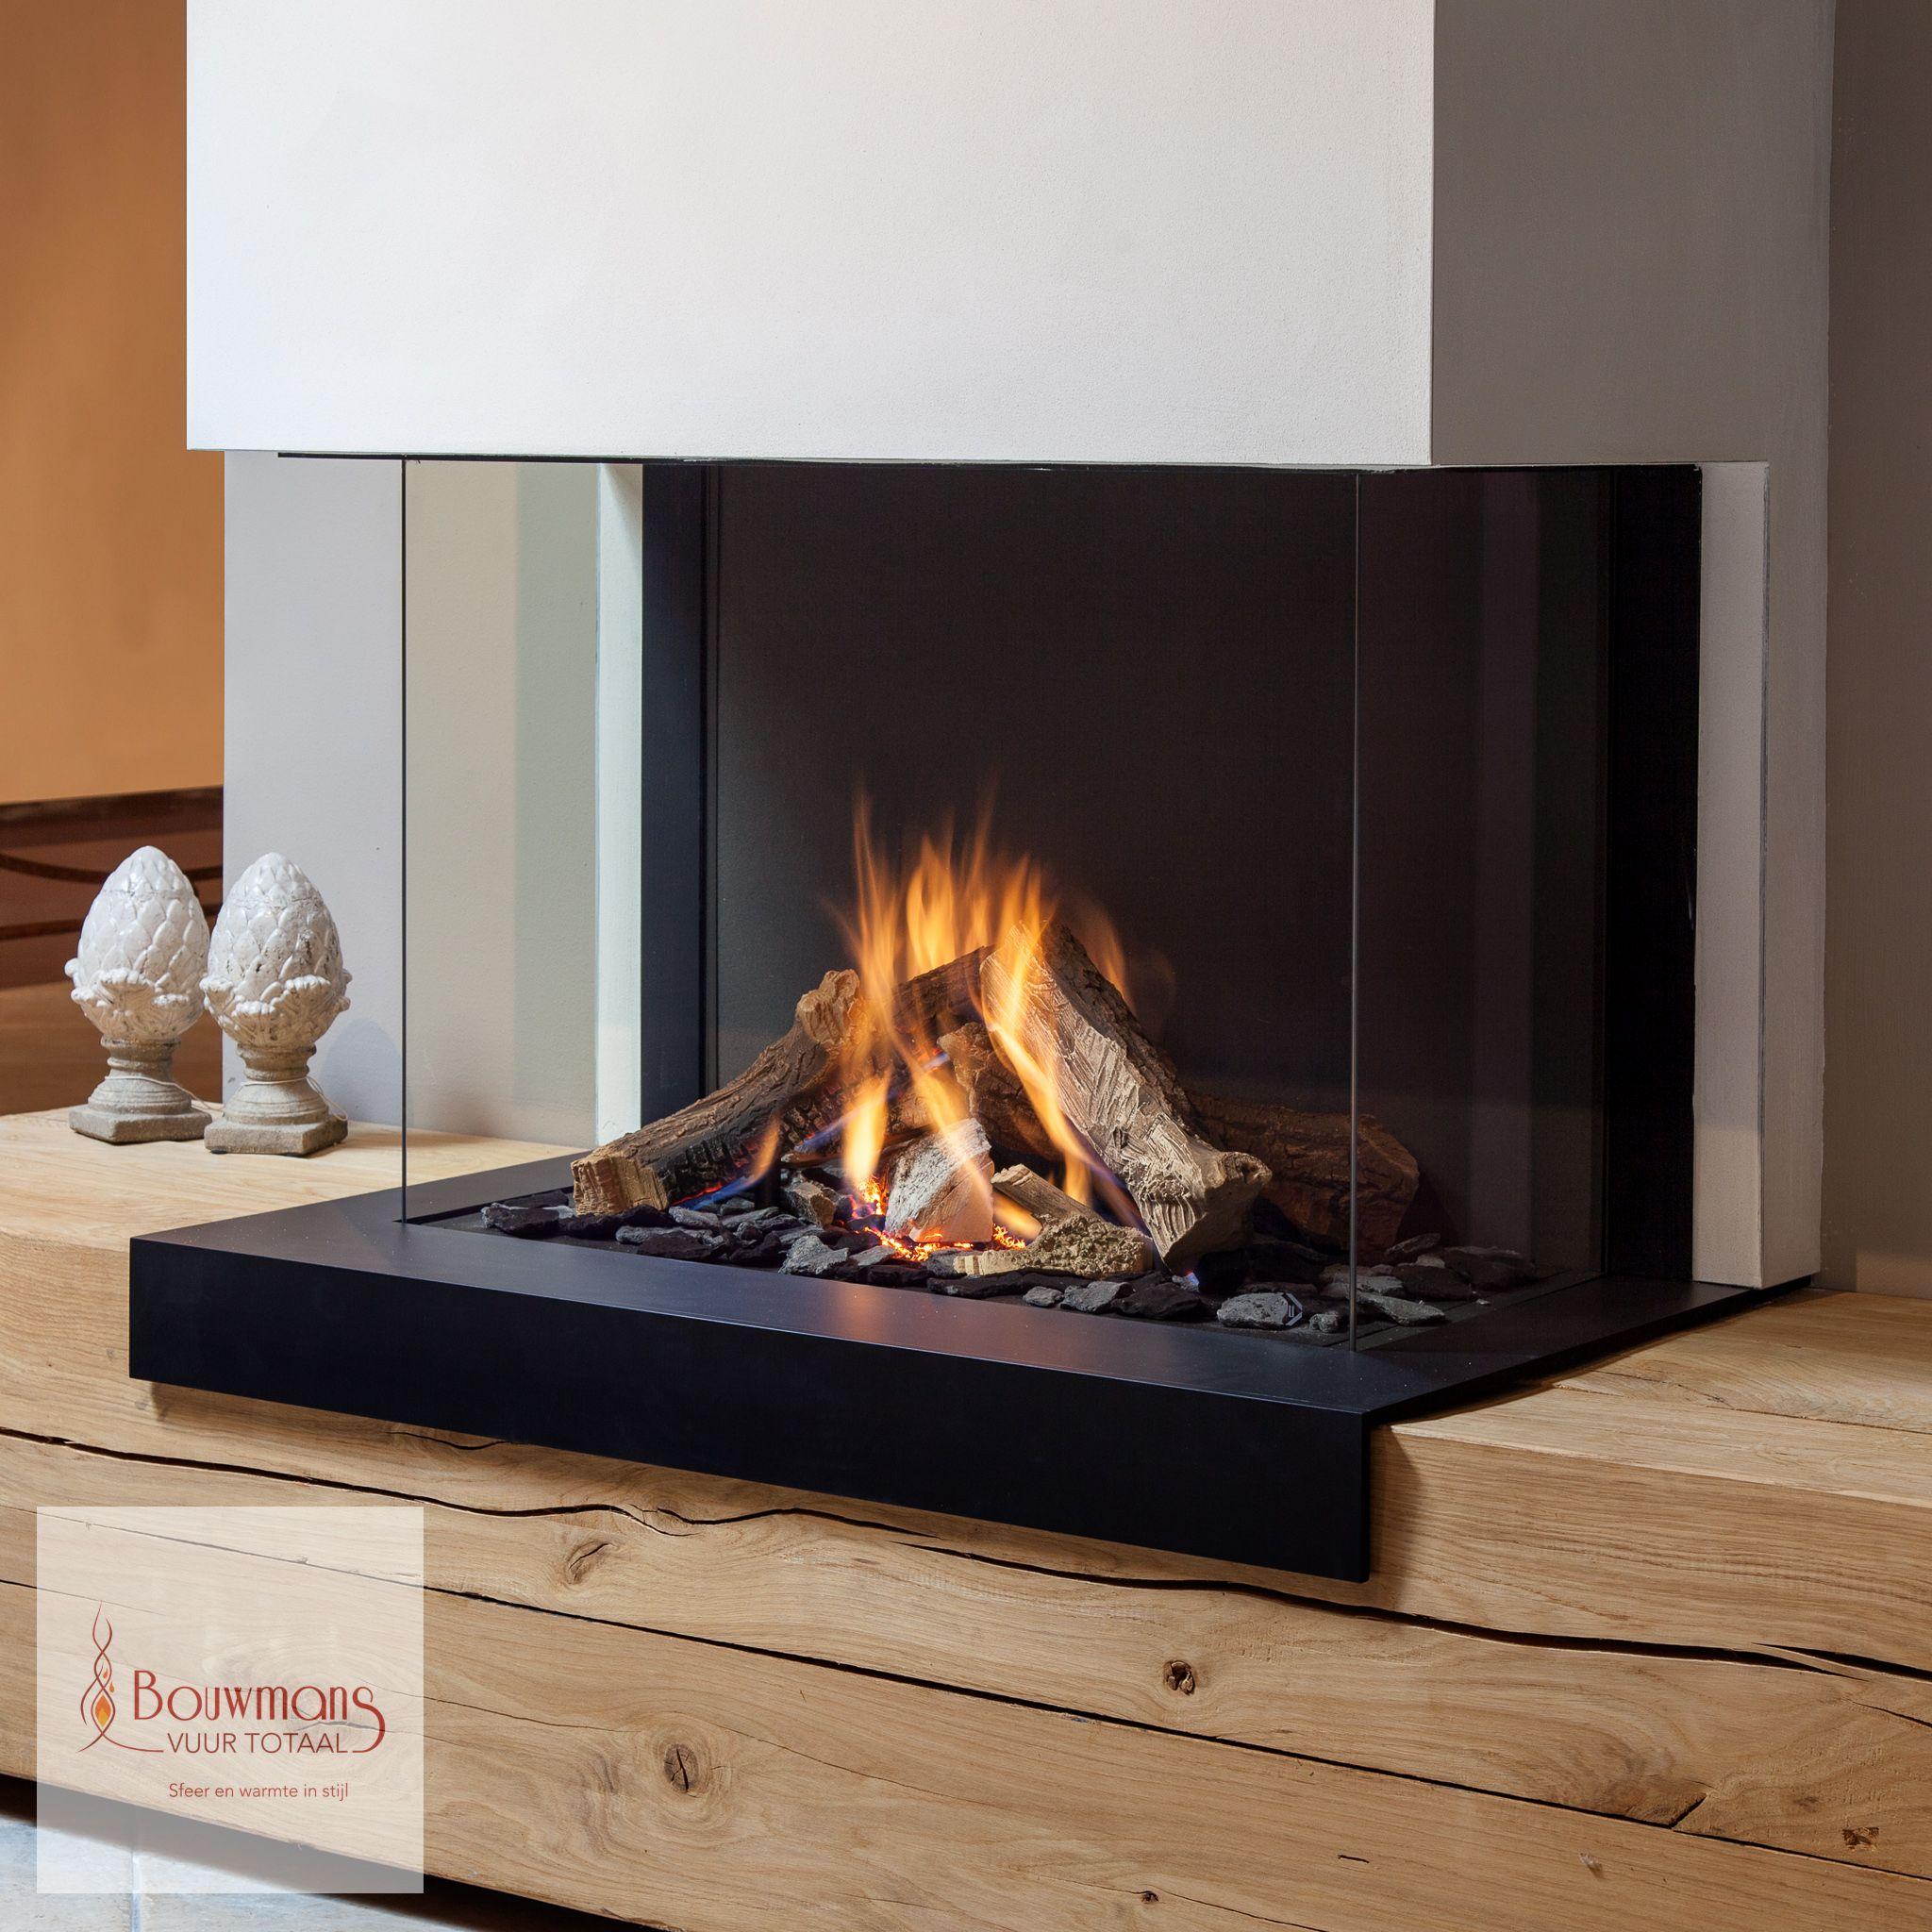 Bouwmans vuur totaal aarle rixtel maestro 80 3 eco - Eco wintergarten ...